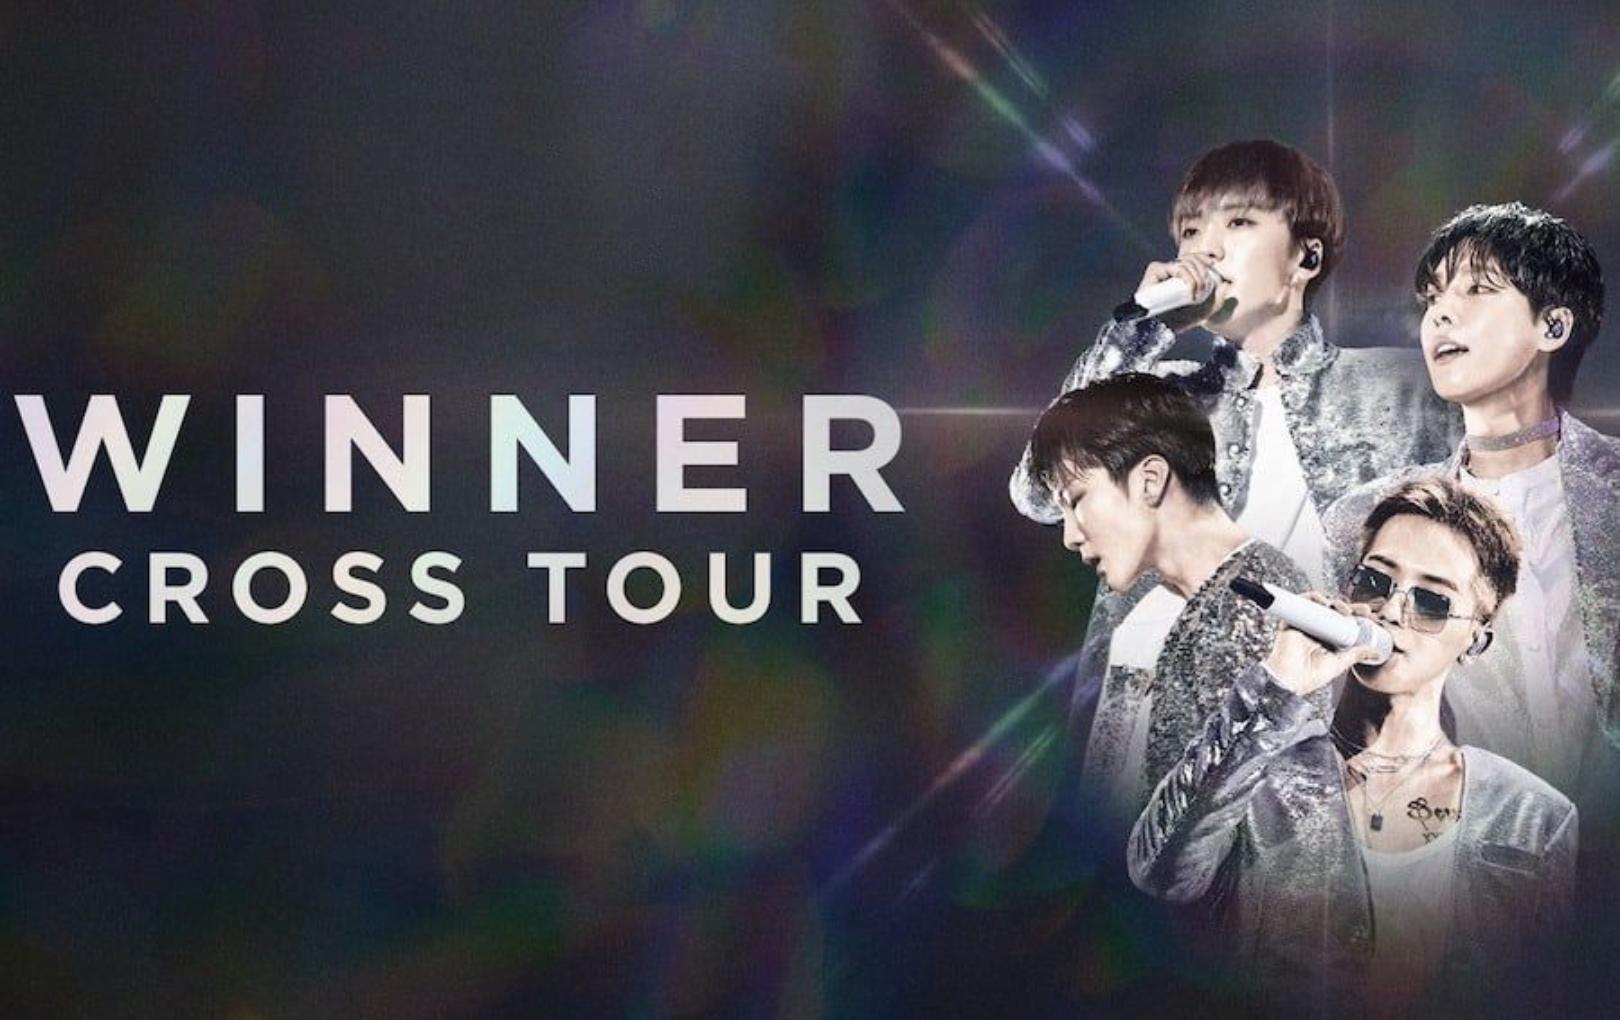 """WINNER lần đầu tổ chức concert tại TP. HCM trong khuôn khổ """"CROSS Tour"""" vào đầu năm 2020"""